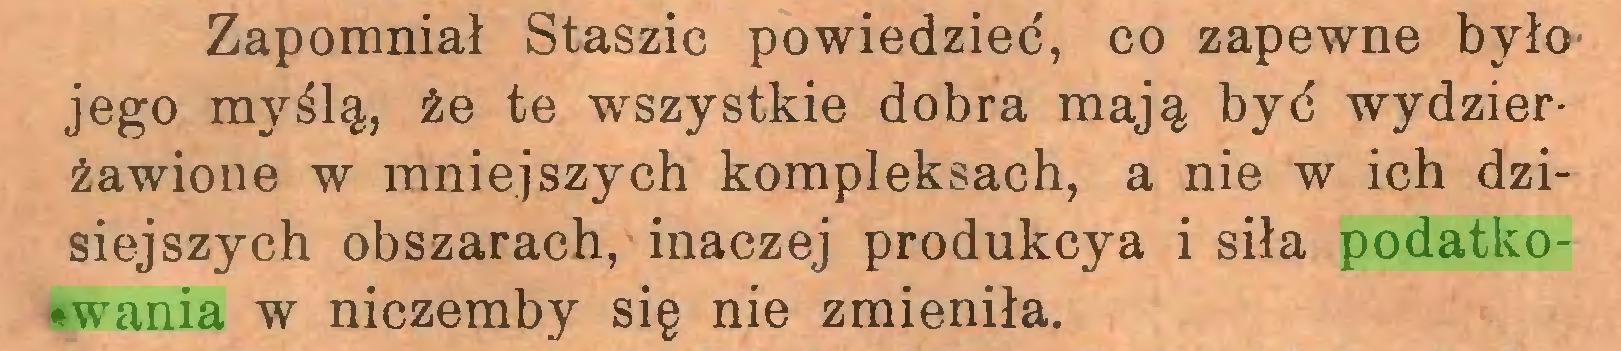 (...) Zapomniał Staszic powiedzieć, co zapewne było jego myślą, że te wszystkie dobra mają być wydzierżawione w mniejszych kompleksach, a nie w ich dzisiejszych obszarach, inaczej produkcya i siła podatkowania w niczemby się nie zmieniła...